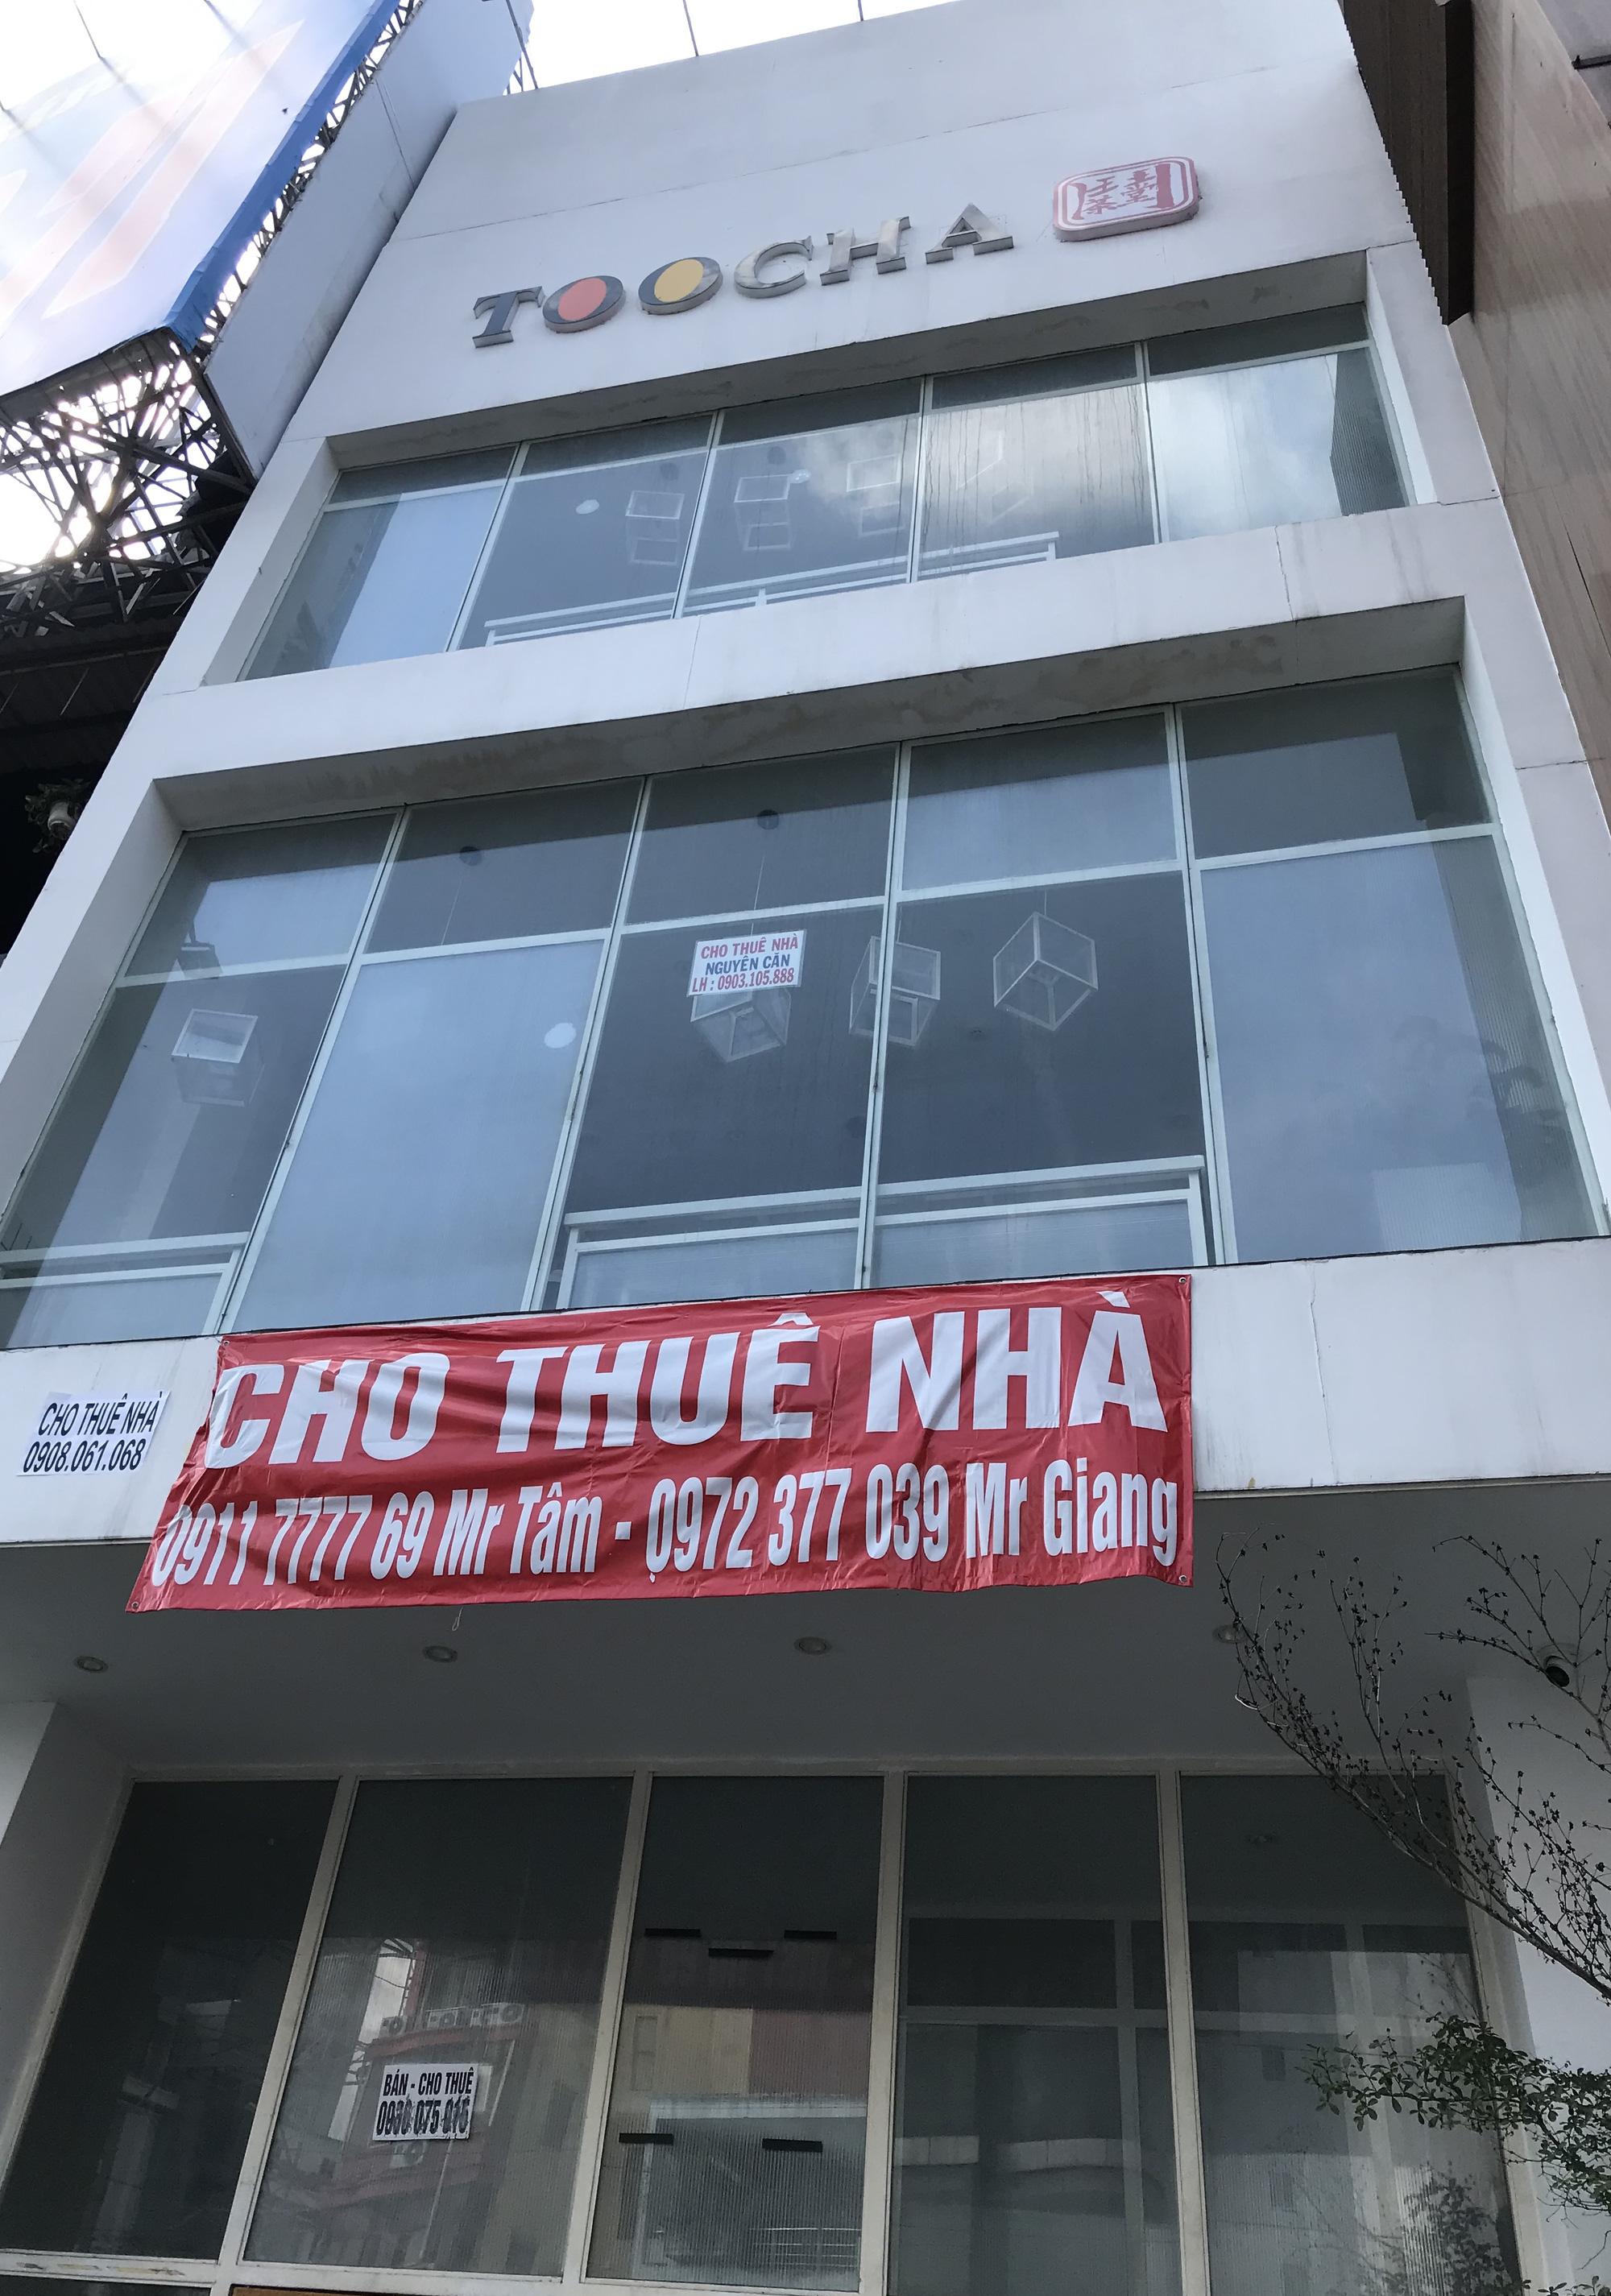 Hình ảnh loạt cửa hàng Toocha, sữa đậu nành Mr Bean của Shark Thủy, thậm chí 7-Eleven cũng đóng cửa vì Covid-19 - Ảnh 5.